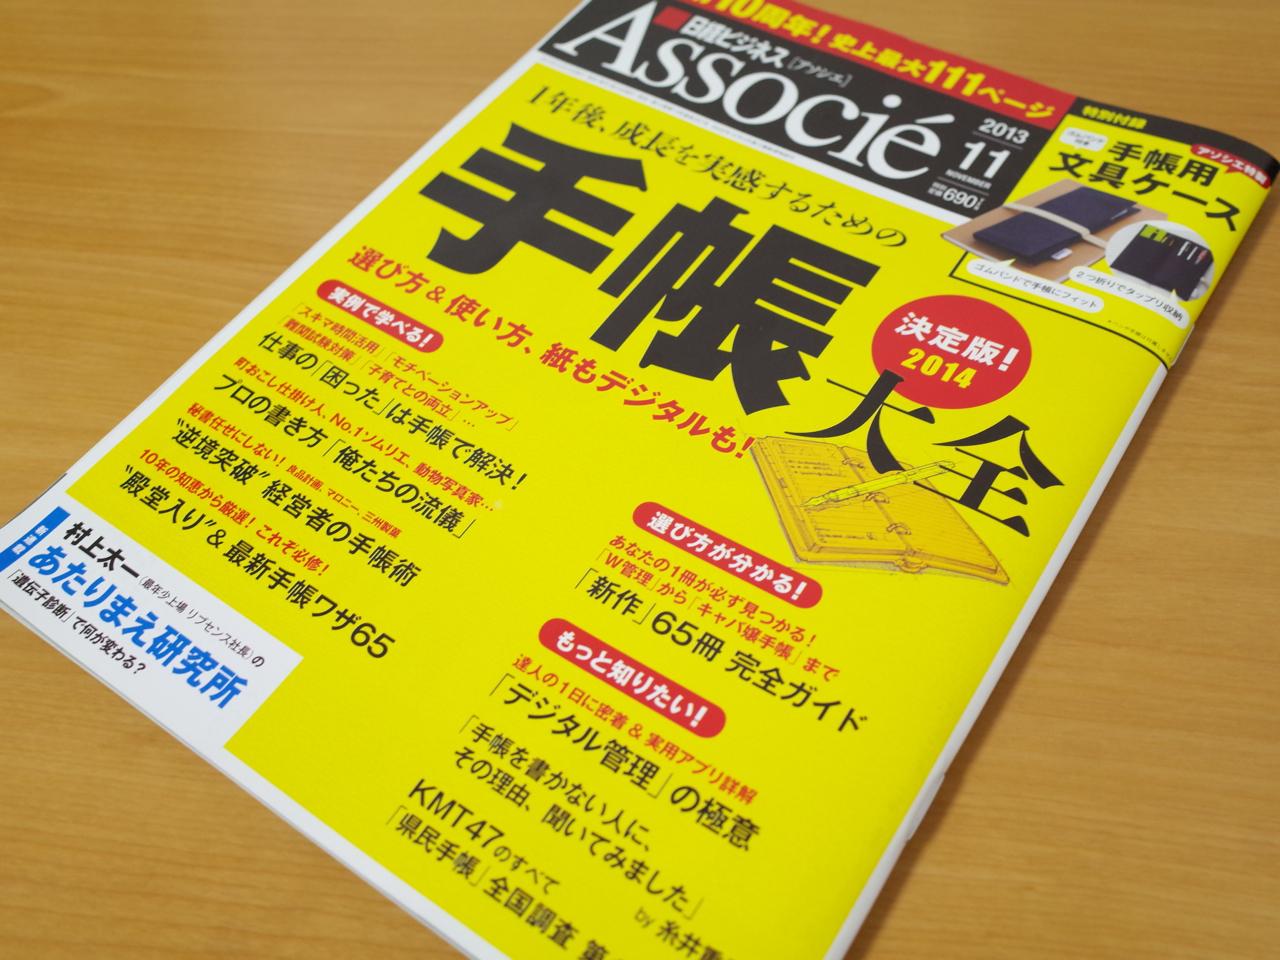 日経ビジネス アソシエ 2013年11月号の写真